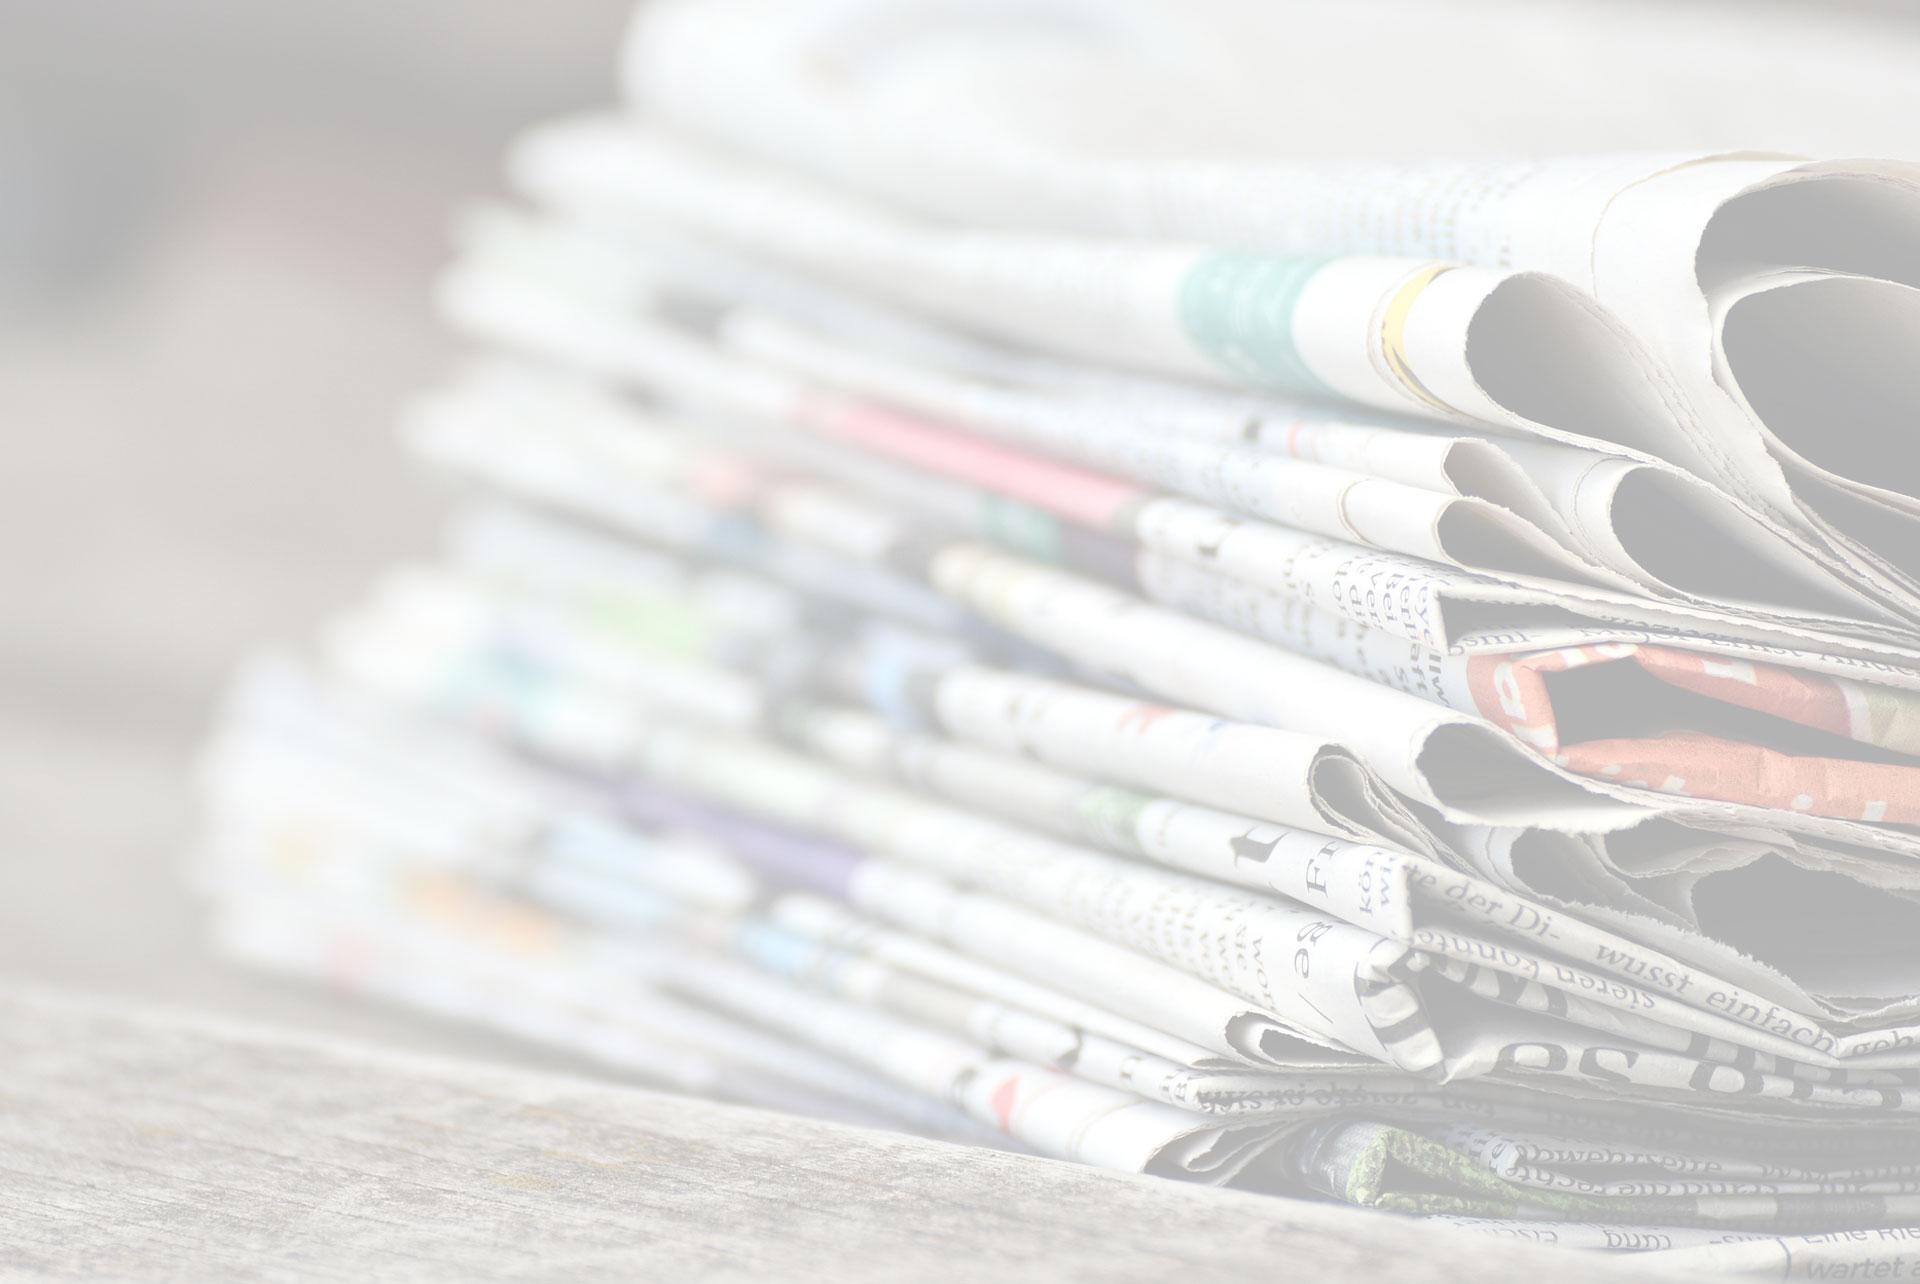 Polizia Trieste